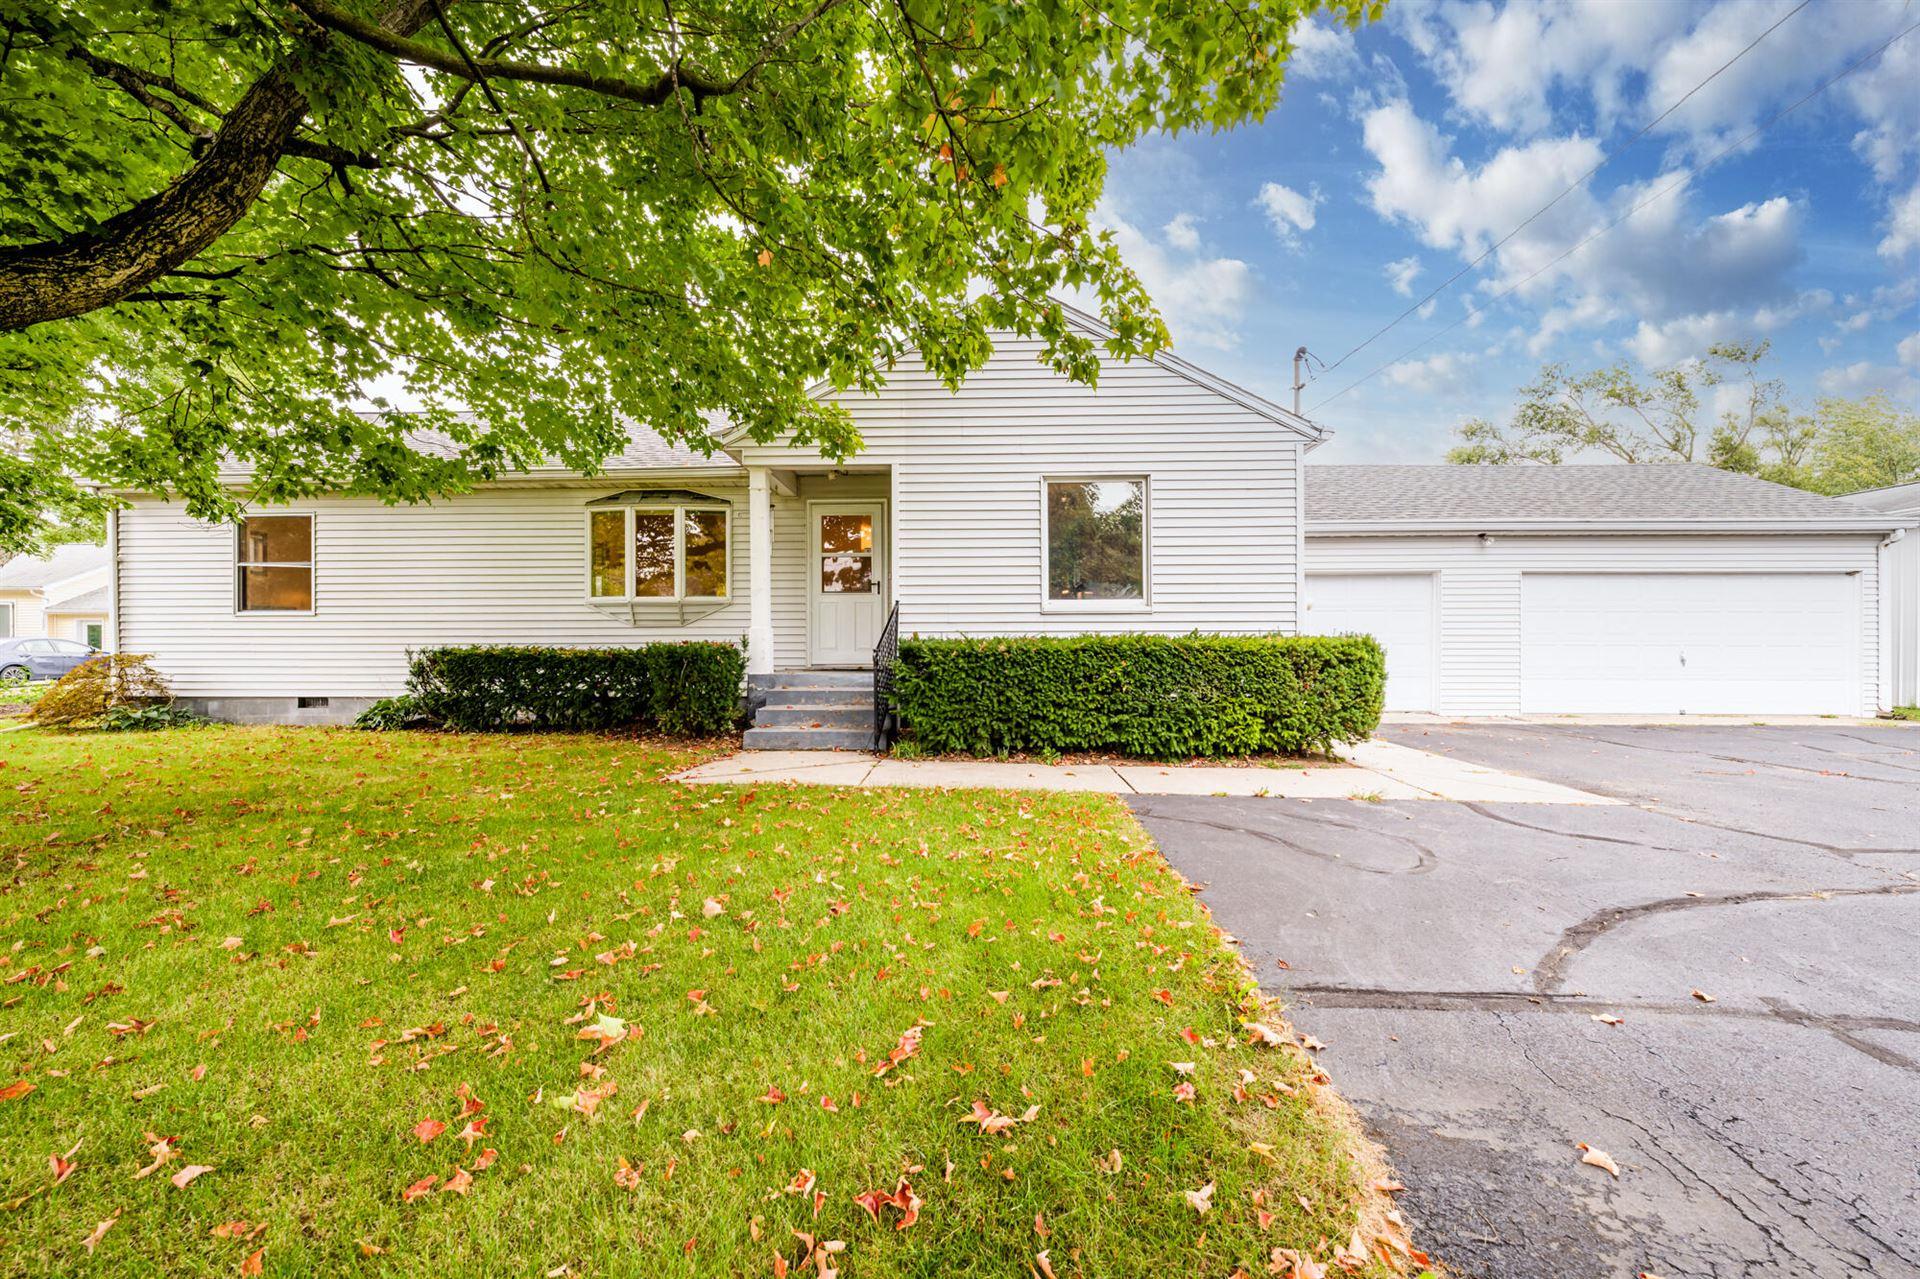 1523 E Nickerson Avenue, Benton Harbor, MI 49022 - MLS#: 21108965